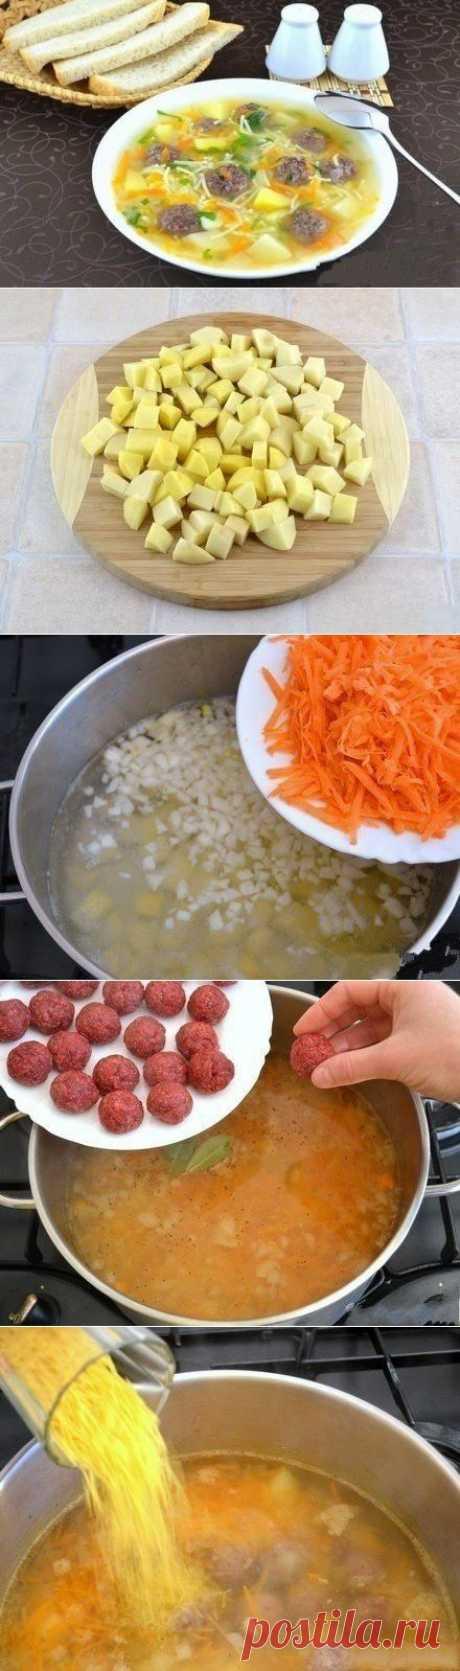 """""""Сытный суп с мясными фрикадельками""""  Ингредиенты: - 500 г картофеля - 300 г фарша (я использовала говяжий) - 150 г лука - 150 г моркови - 50 - 100 г мелкой вермишели - 2 ст.л. манки - 2 лавровых листа - полпучка петрушки - соль - перец"""